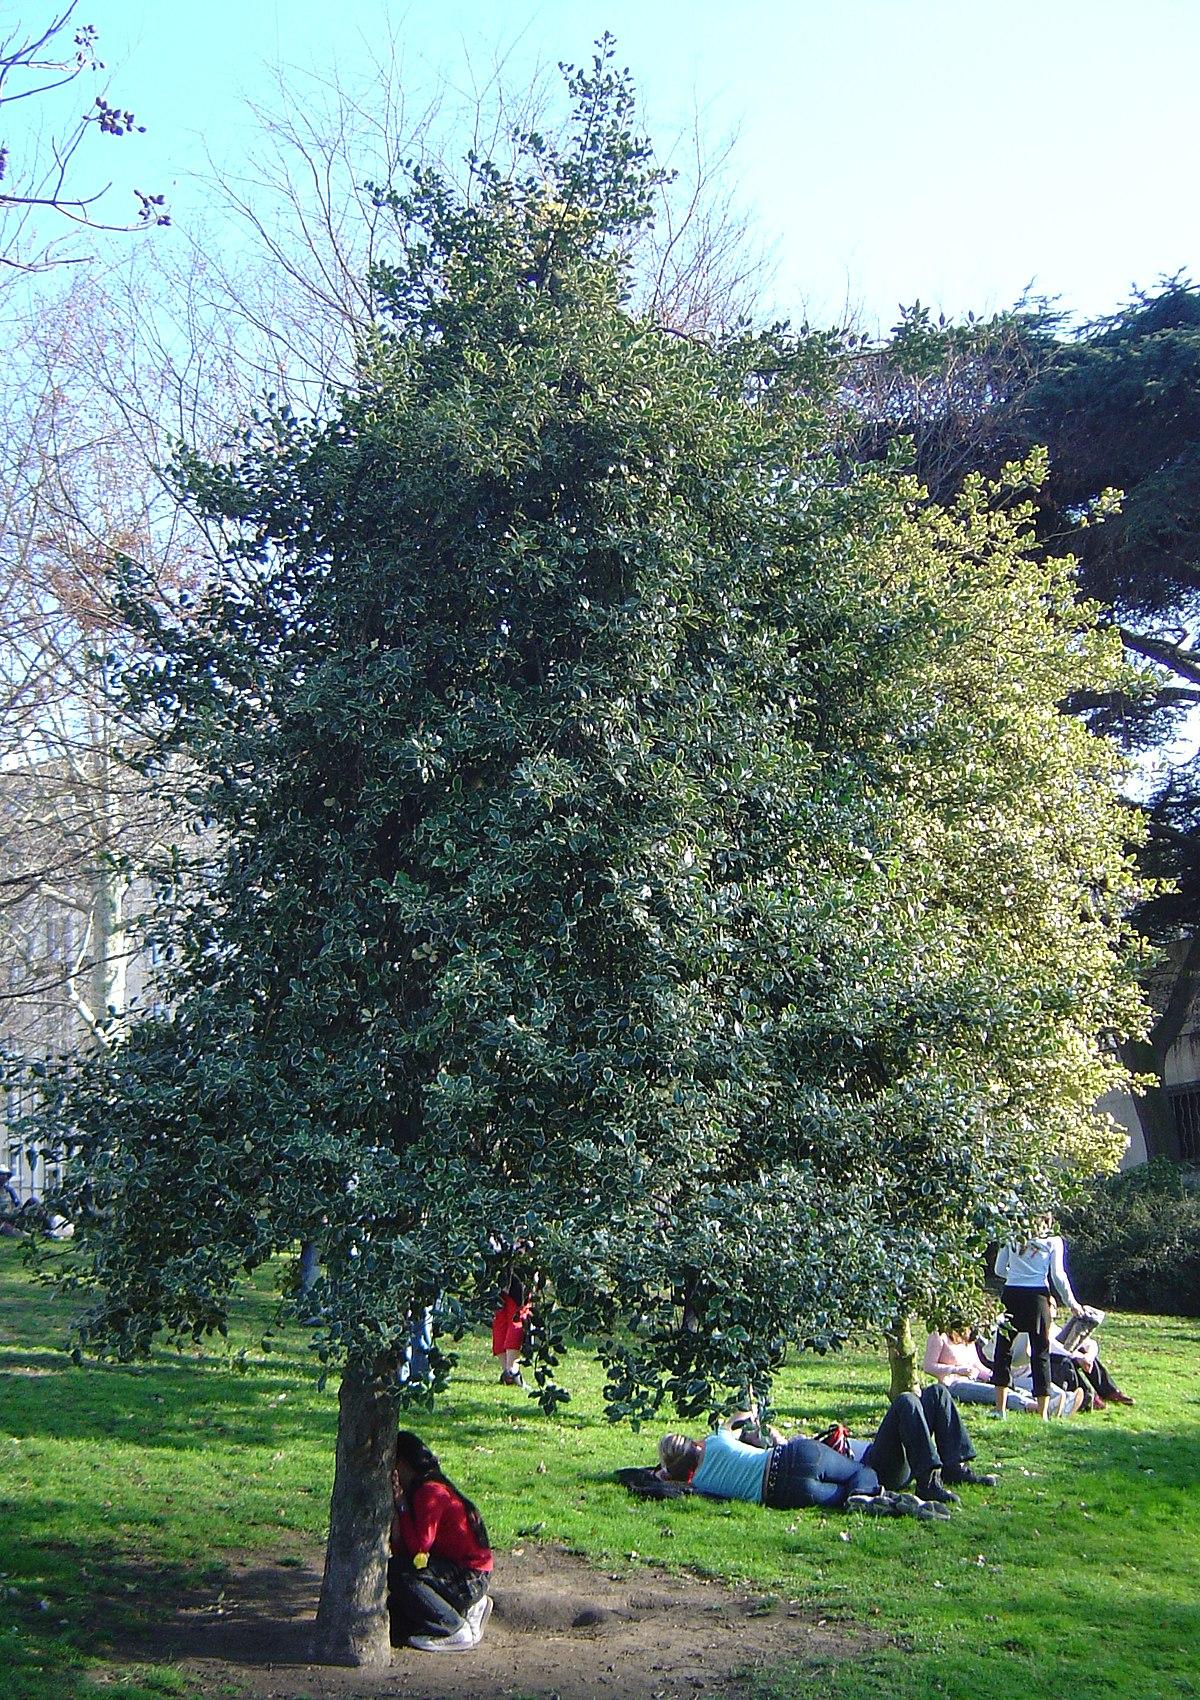 Ilex aquifolium wikipedia for Agrifoglio immagini